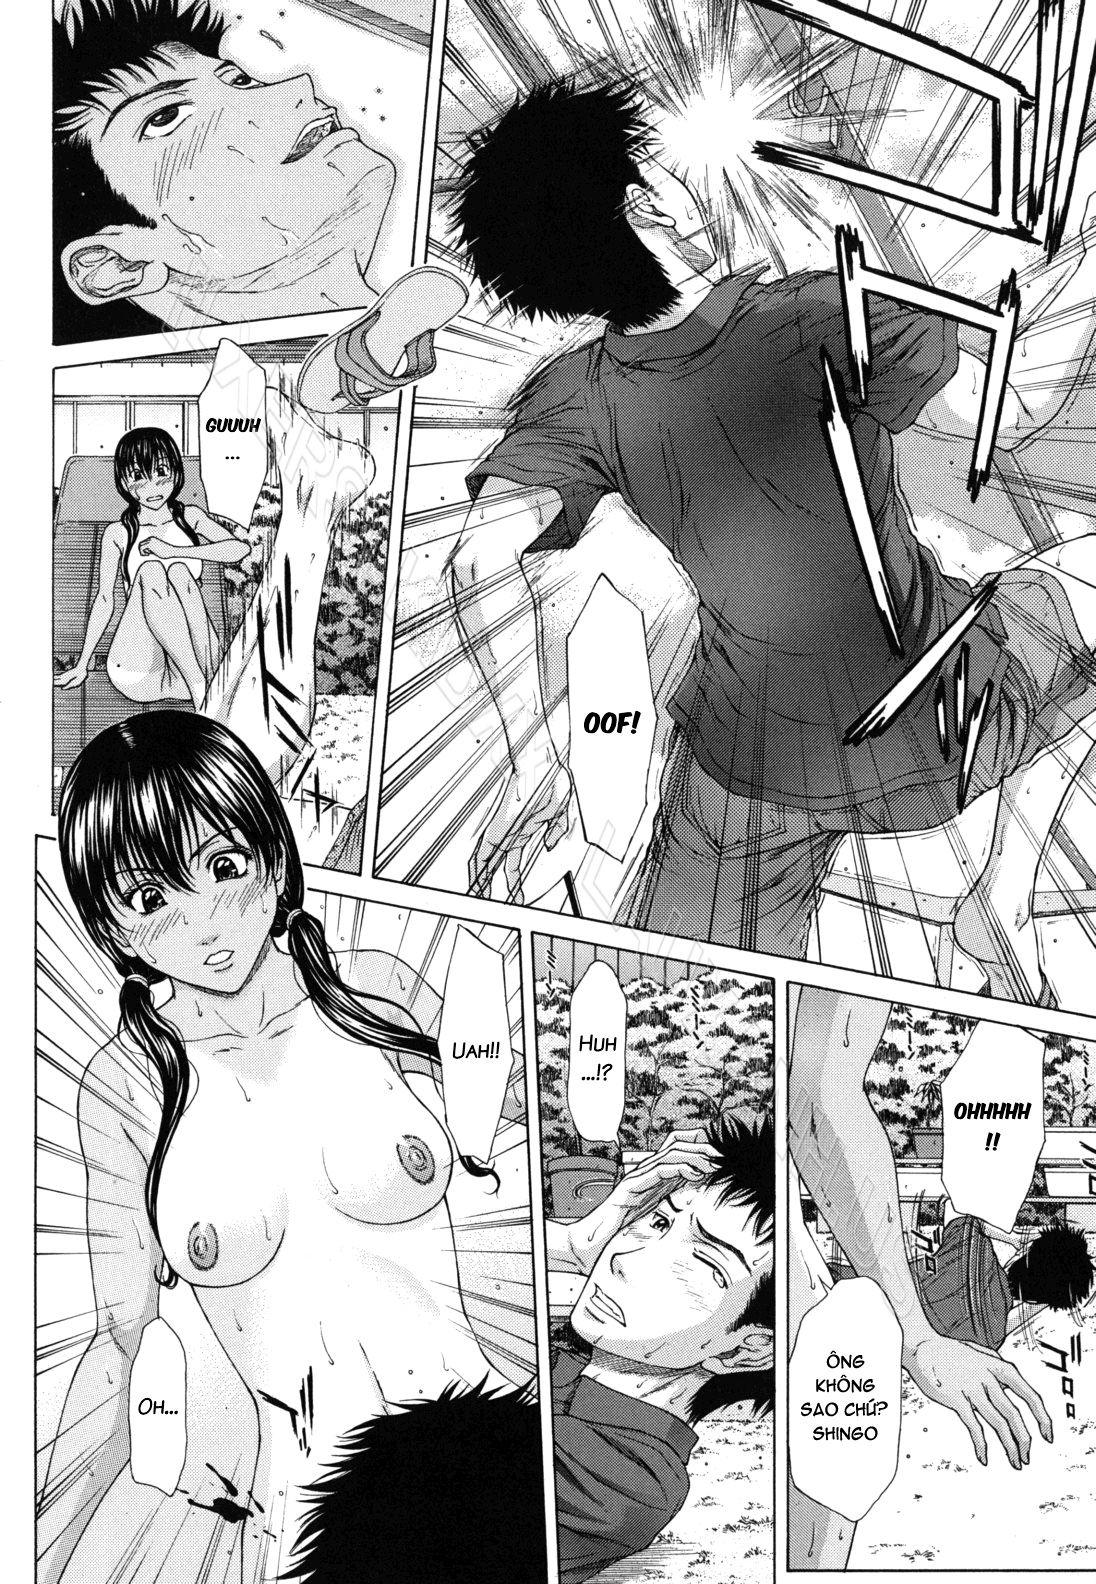 Hình ảnh nudity www.hentairules.net 175%2Bcopy trong bài viết Nong lồn em ra đi anh